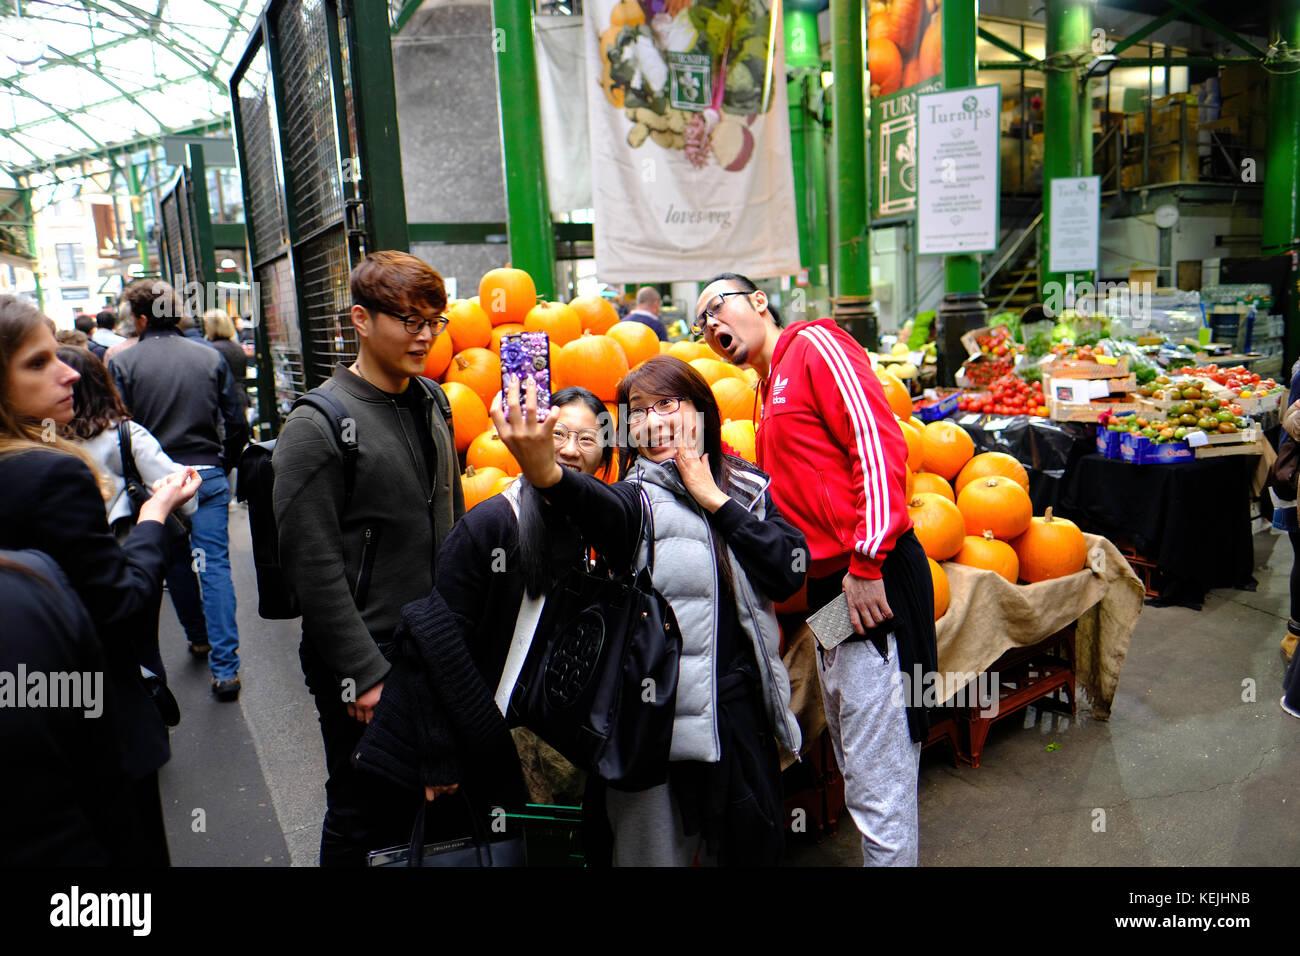 Chinese tourists taking selfie, Borough Market, SE1, London, United Kingdom - Stock Image